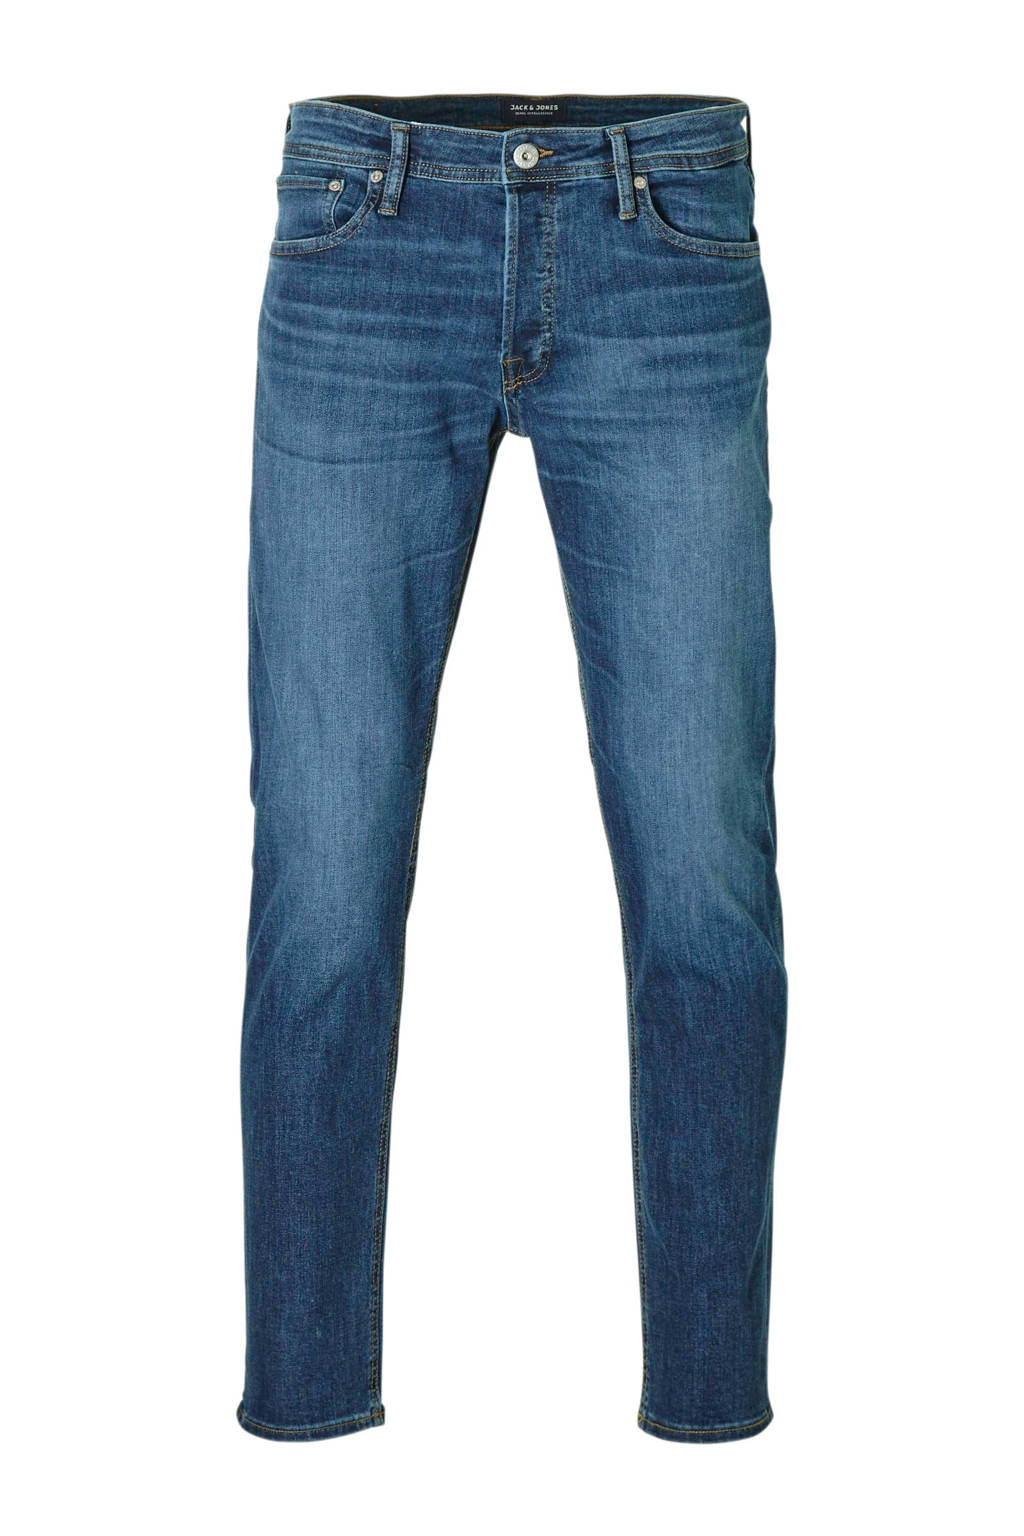 Jack & Jones Originals jeans Mike, Blauw